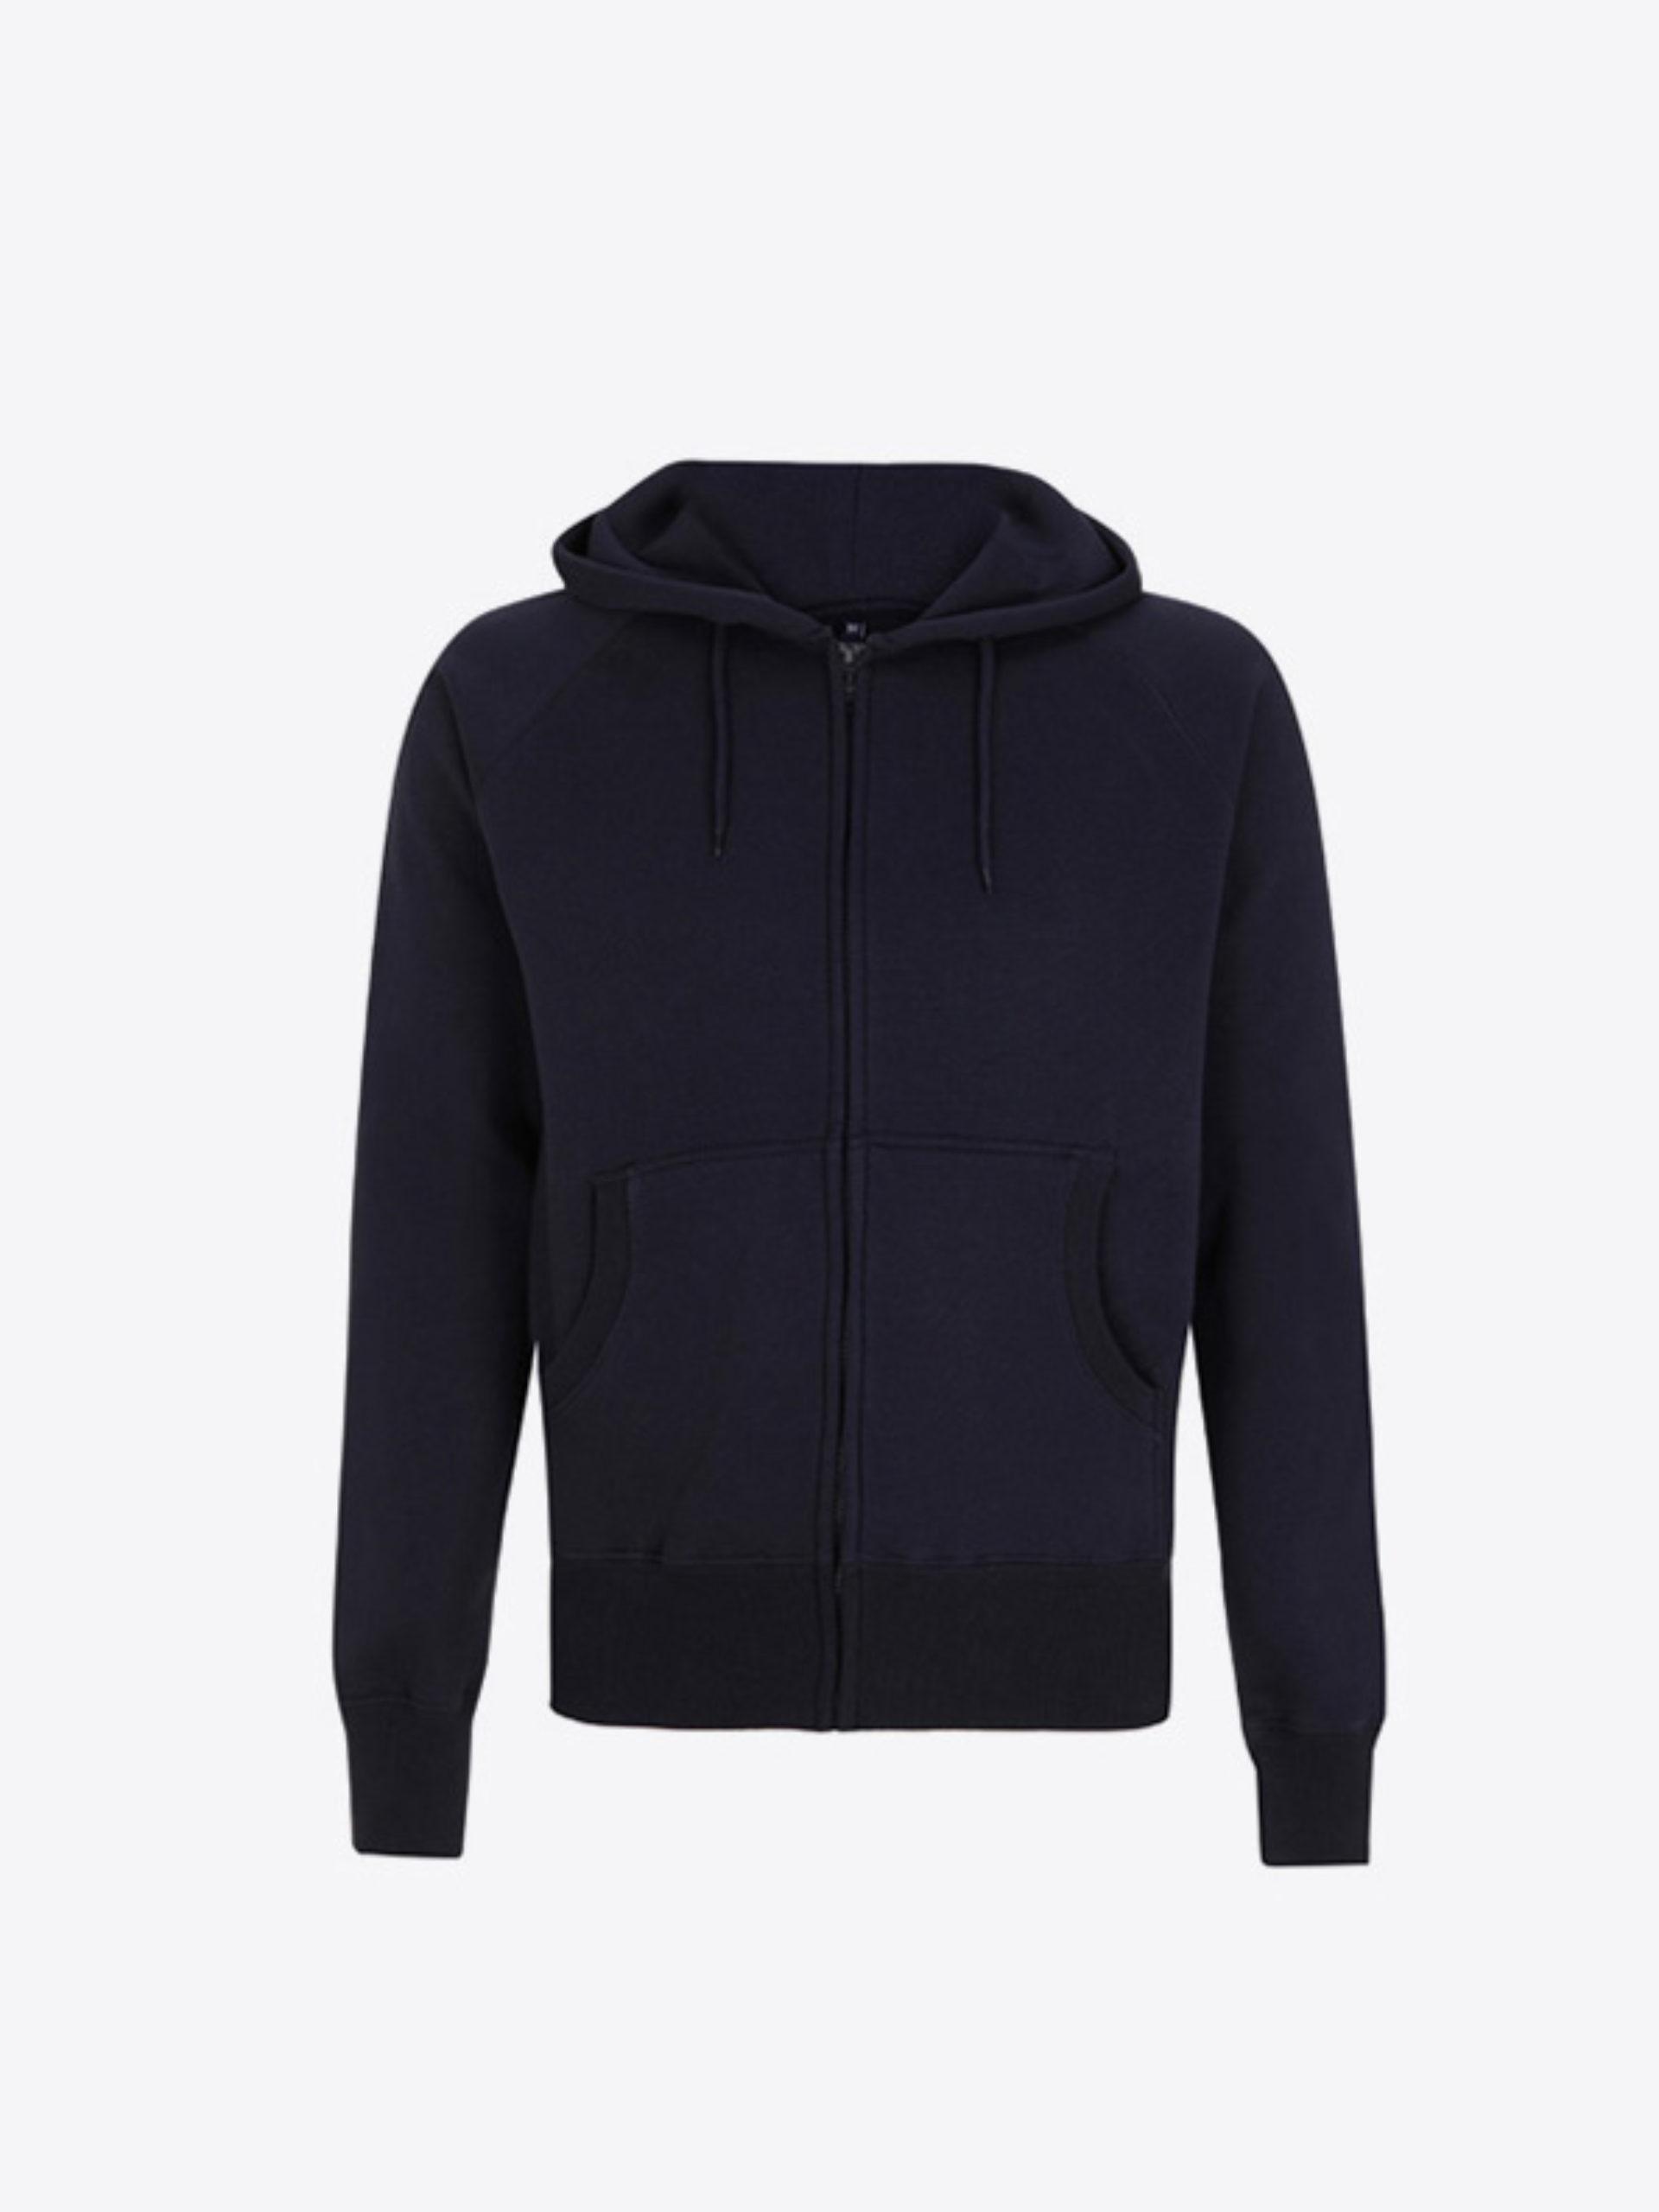 Herren Sweatshirt Zip Hoodie Besticken In Zuerich Continental N51z Navy